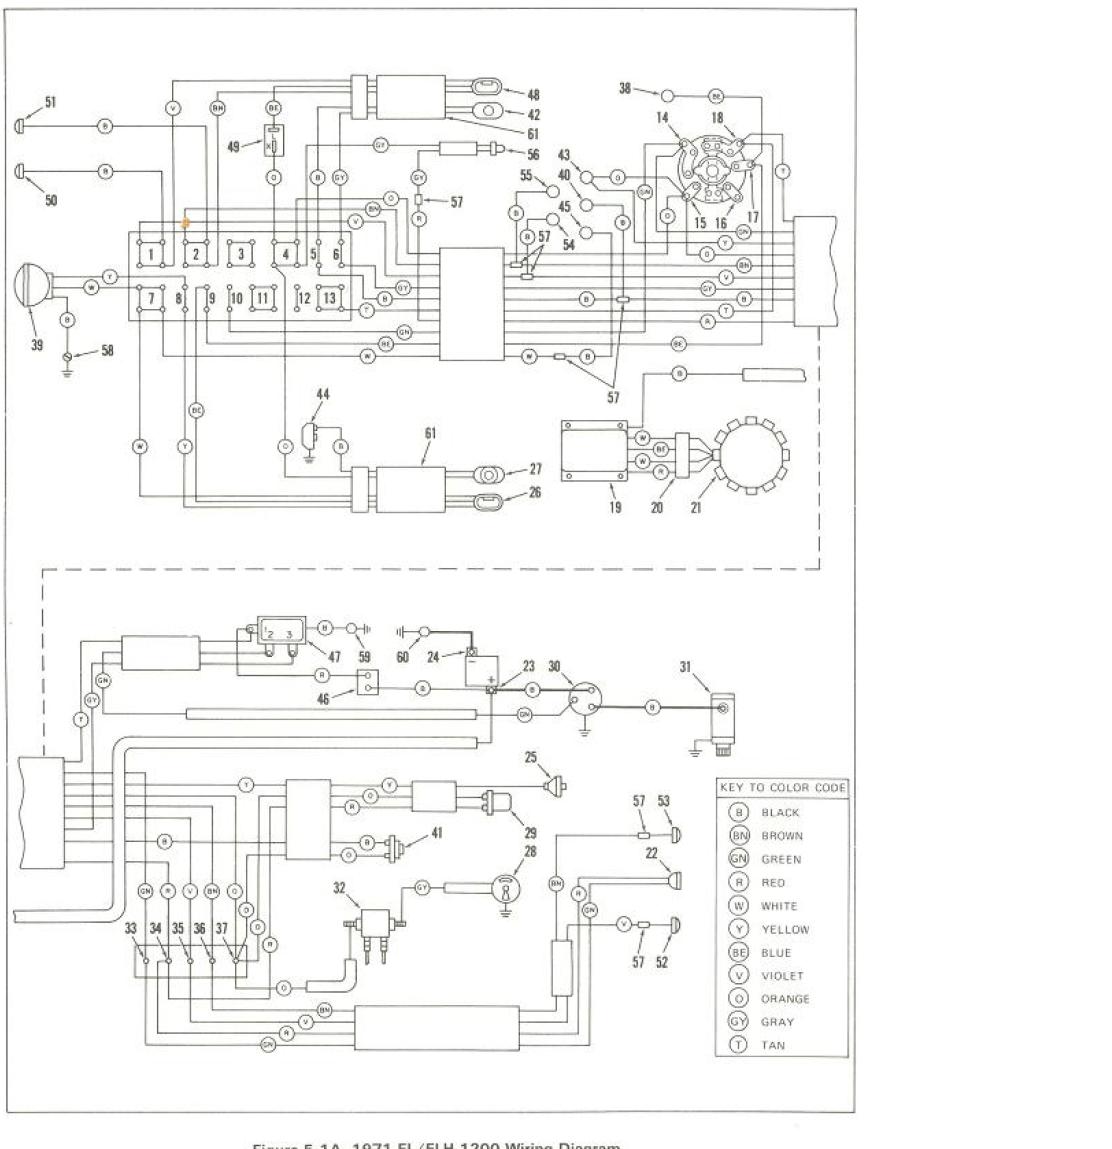 1976 Cushman Truckster Wiring Diagram Unlimited Access To Gas 2000 Rh Schematron Org Parts 898467 9010